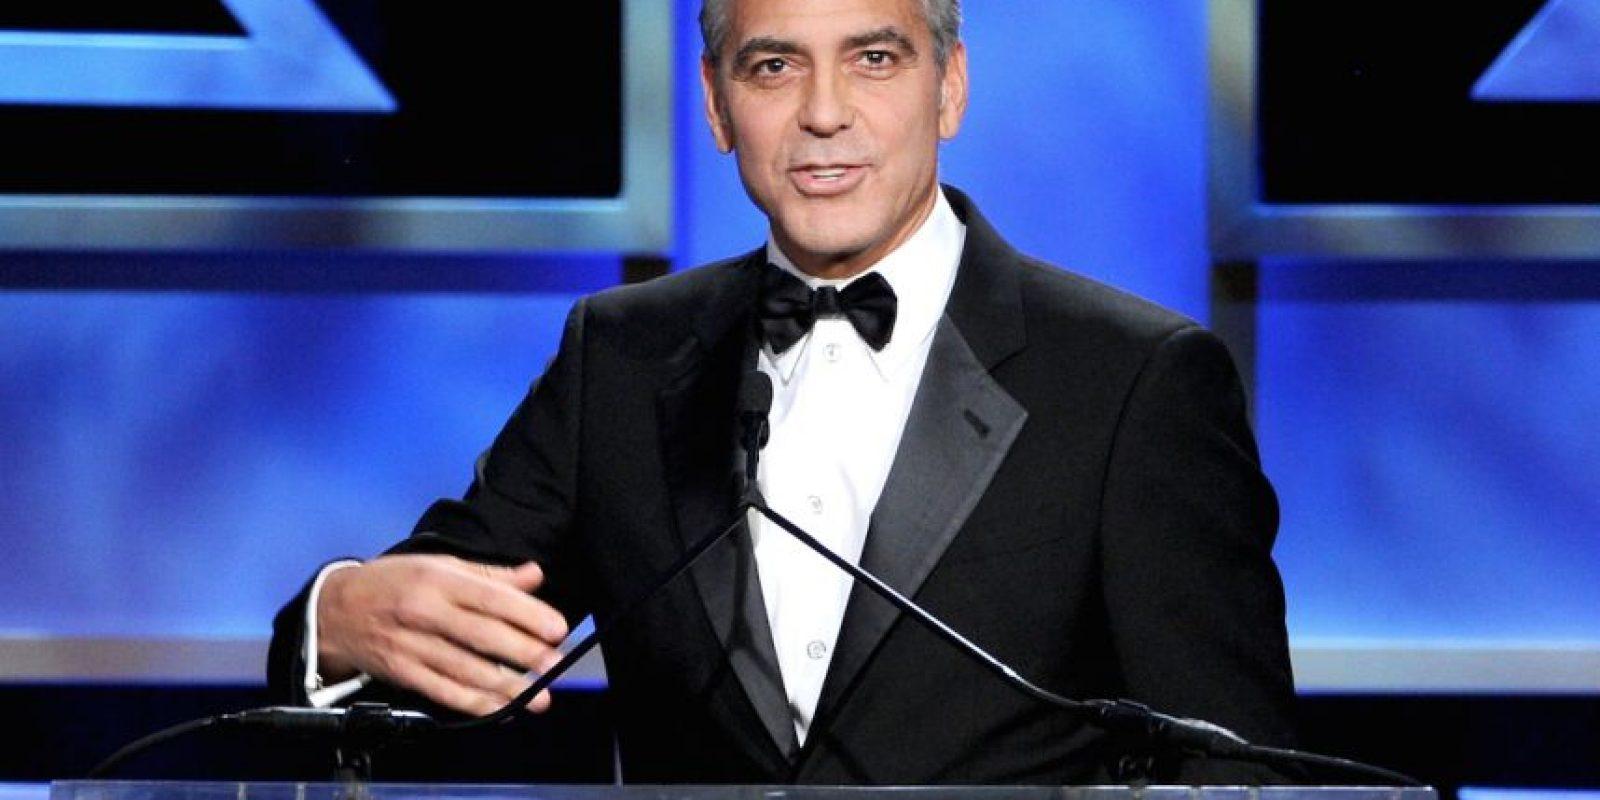 El actor recibió el 11% de los votos como una influencia positiva. Foto:Getty Images